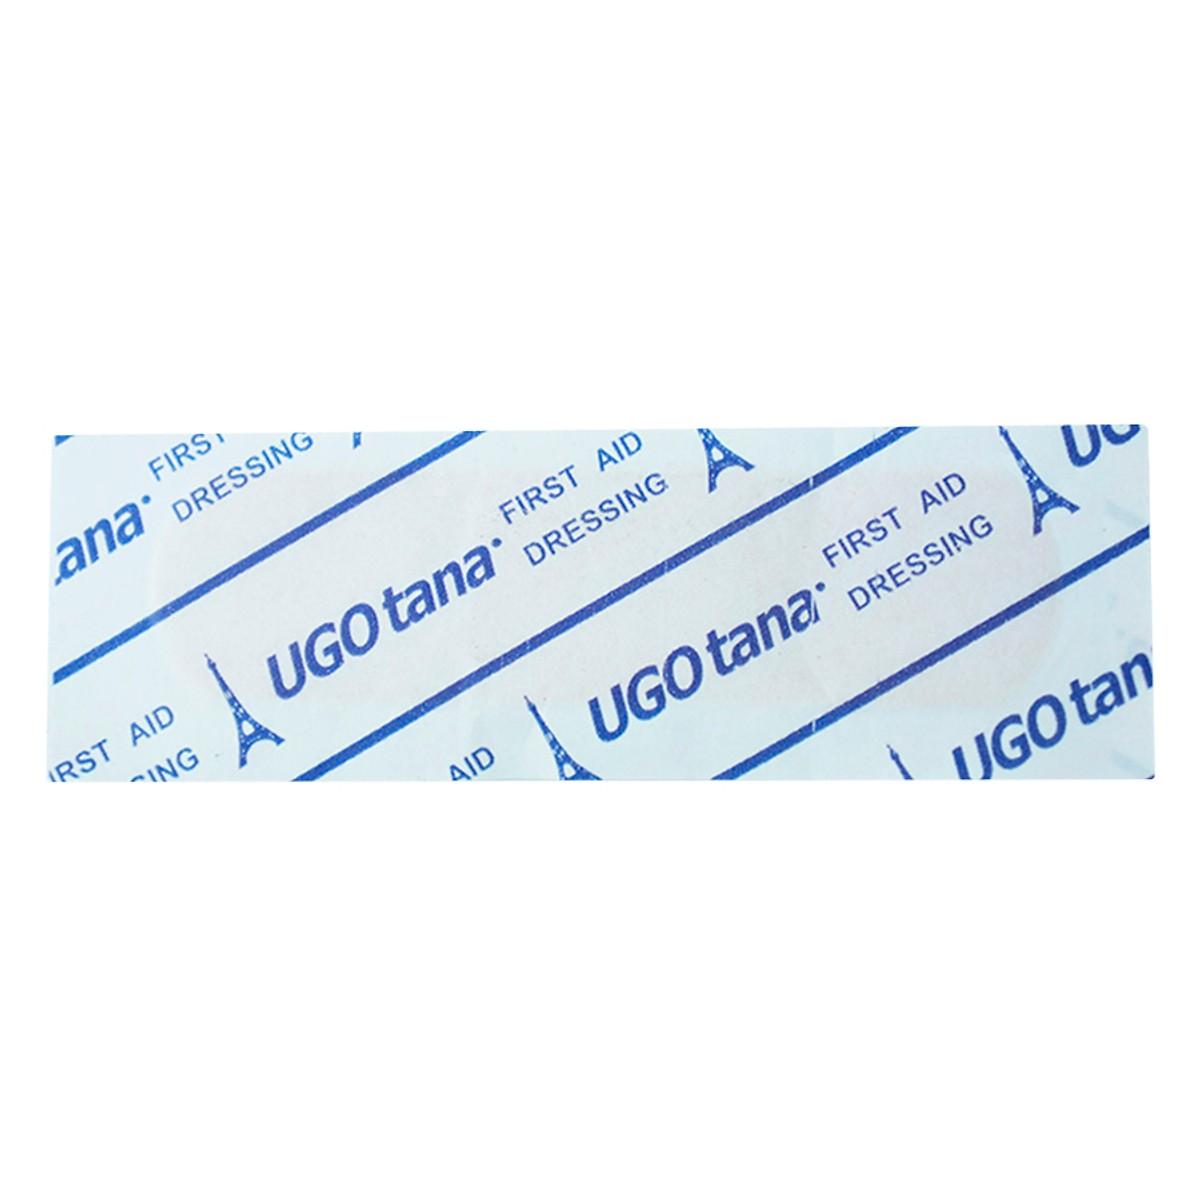 Hộp 102 băng dính cá nhân Ugotana kích thước 19 x 72mm, băng dán cá nhân y tế đã tiệt trùng